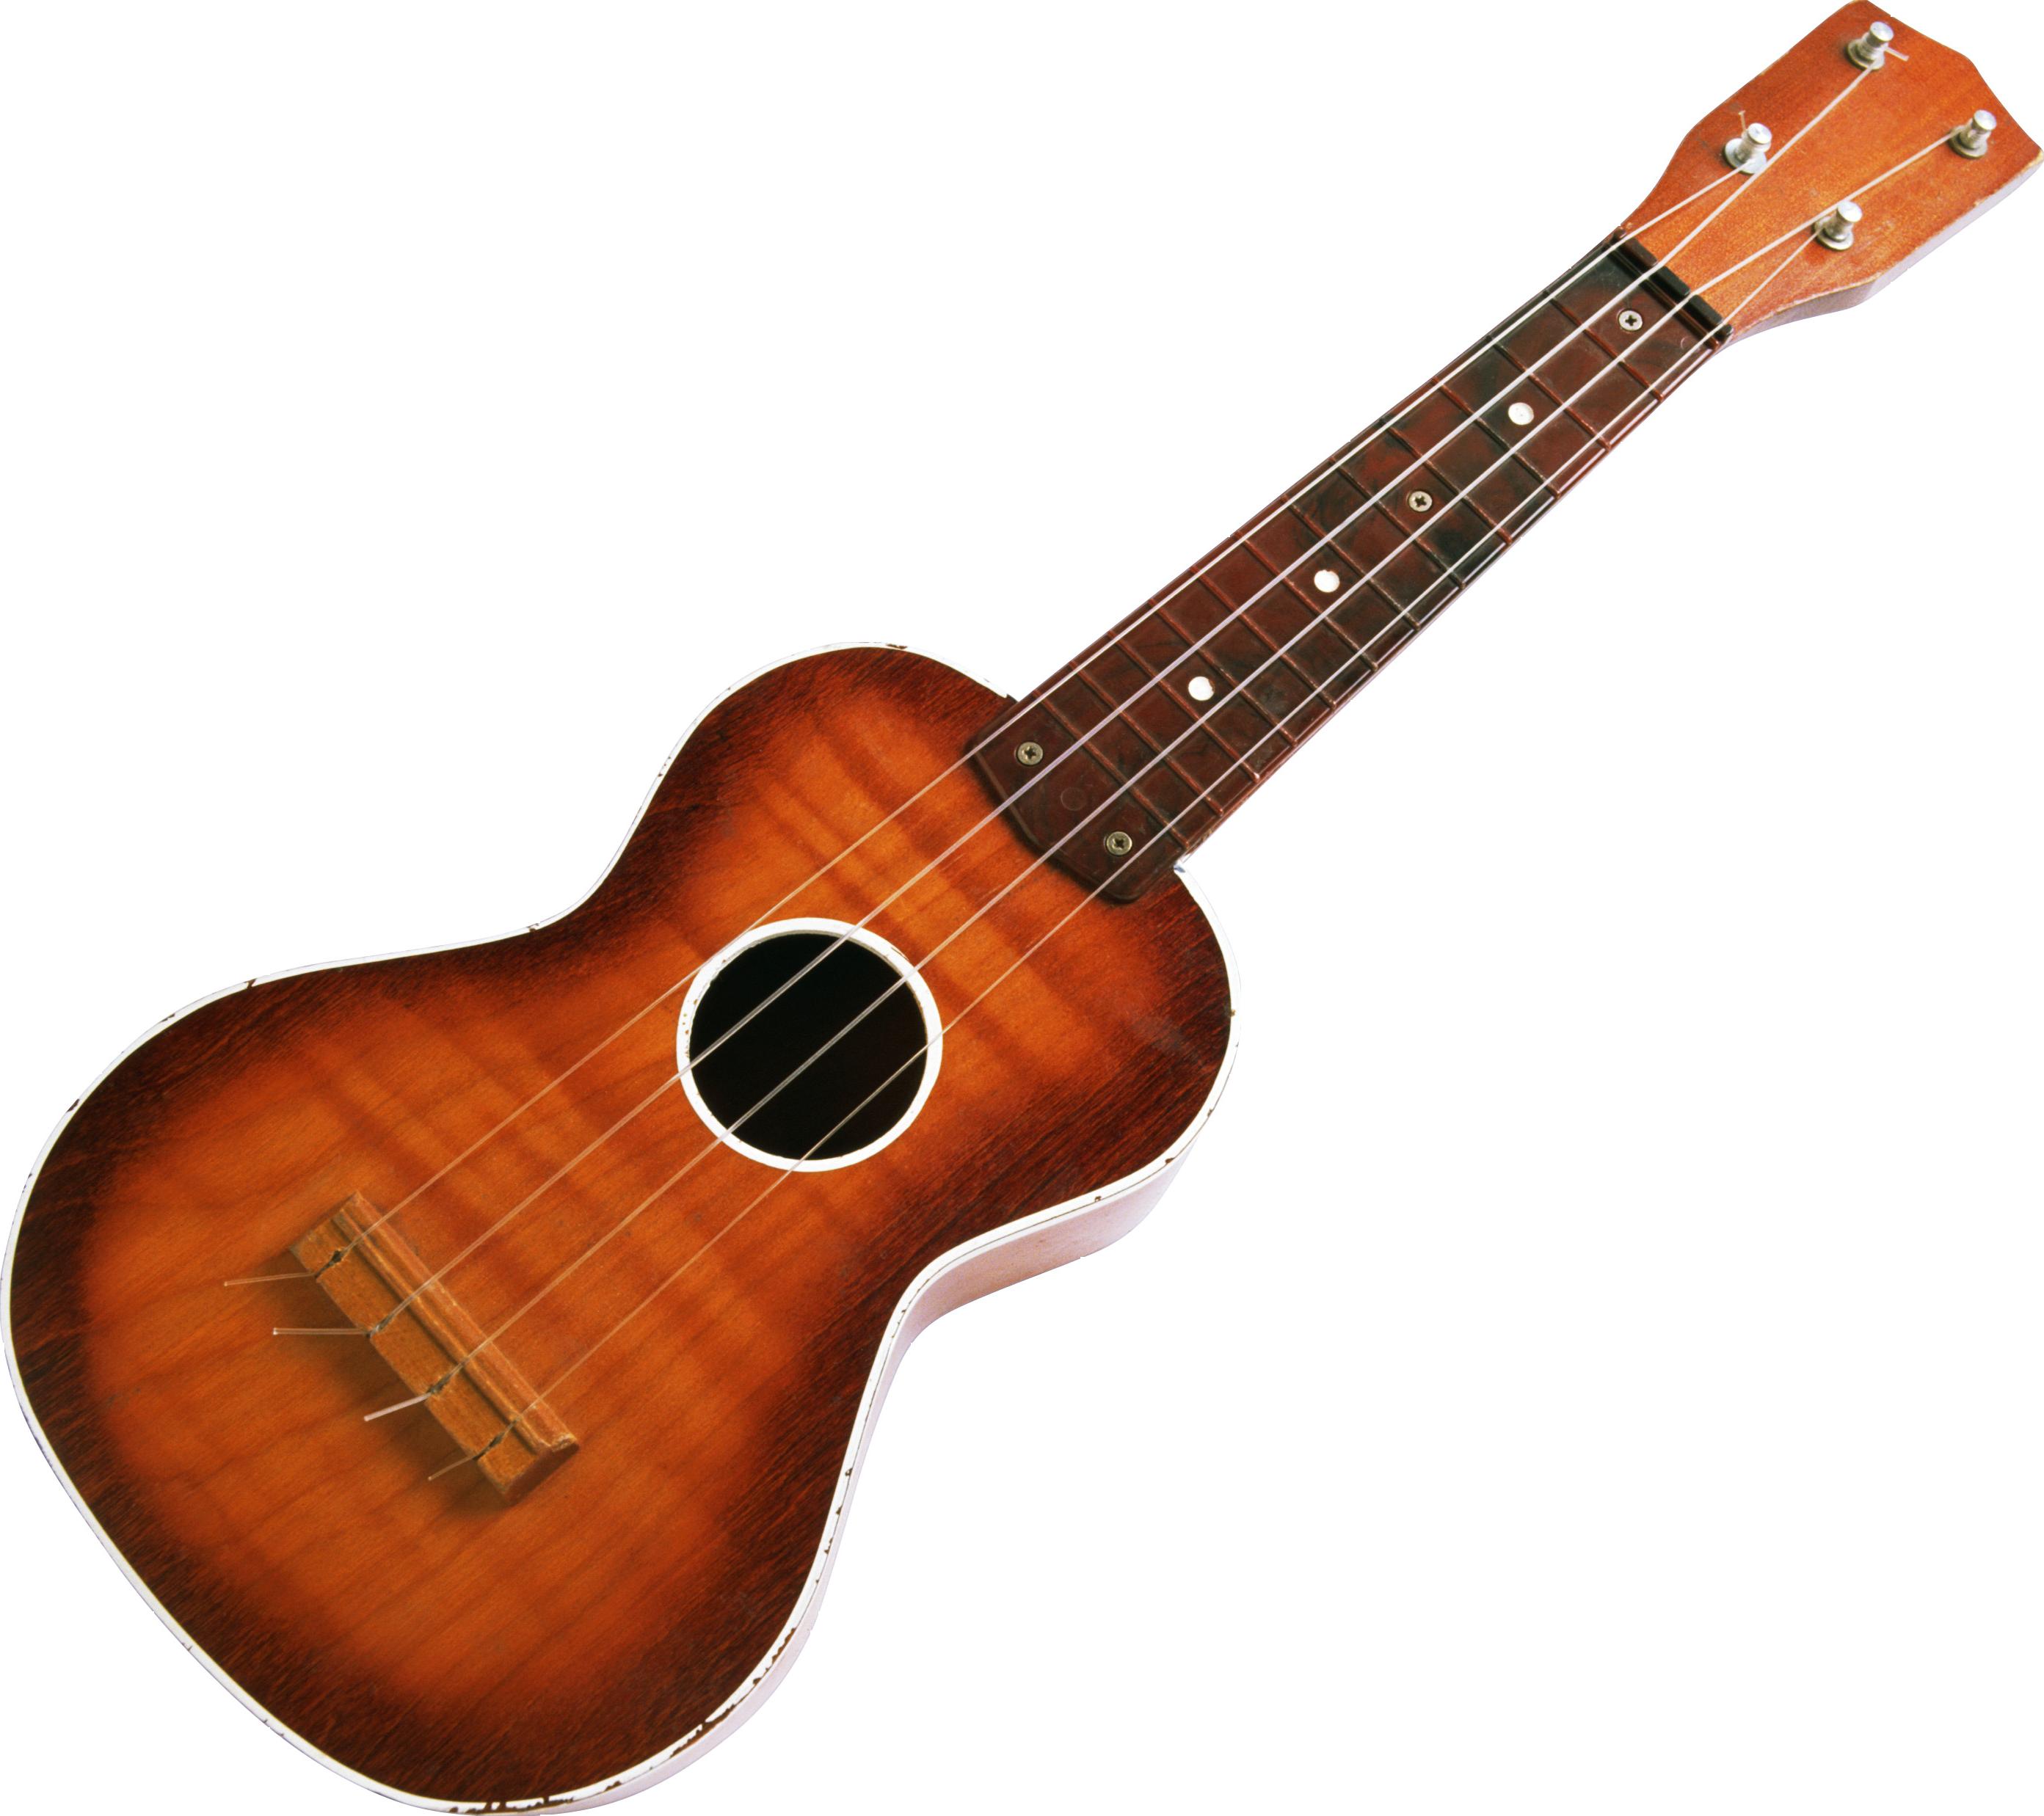 Guitar HD PNG - 116798